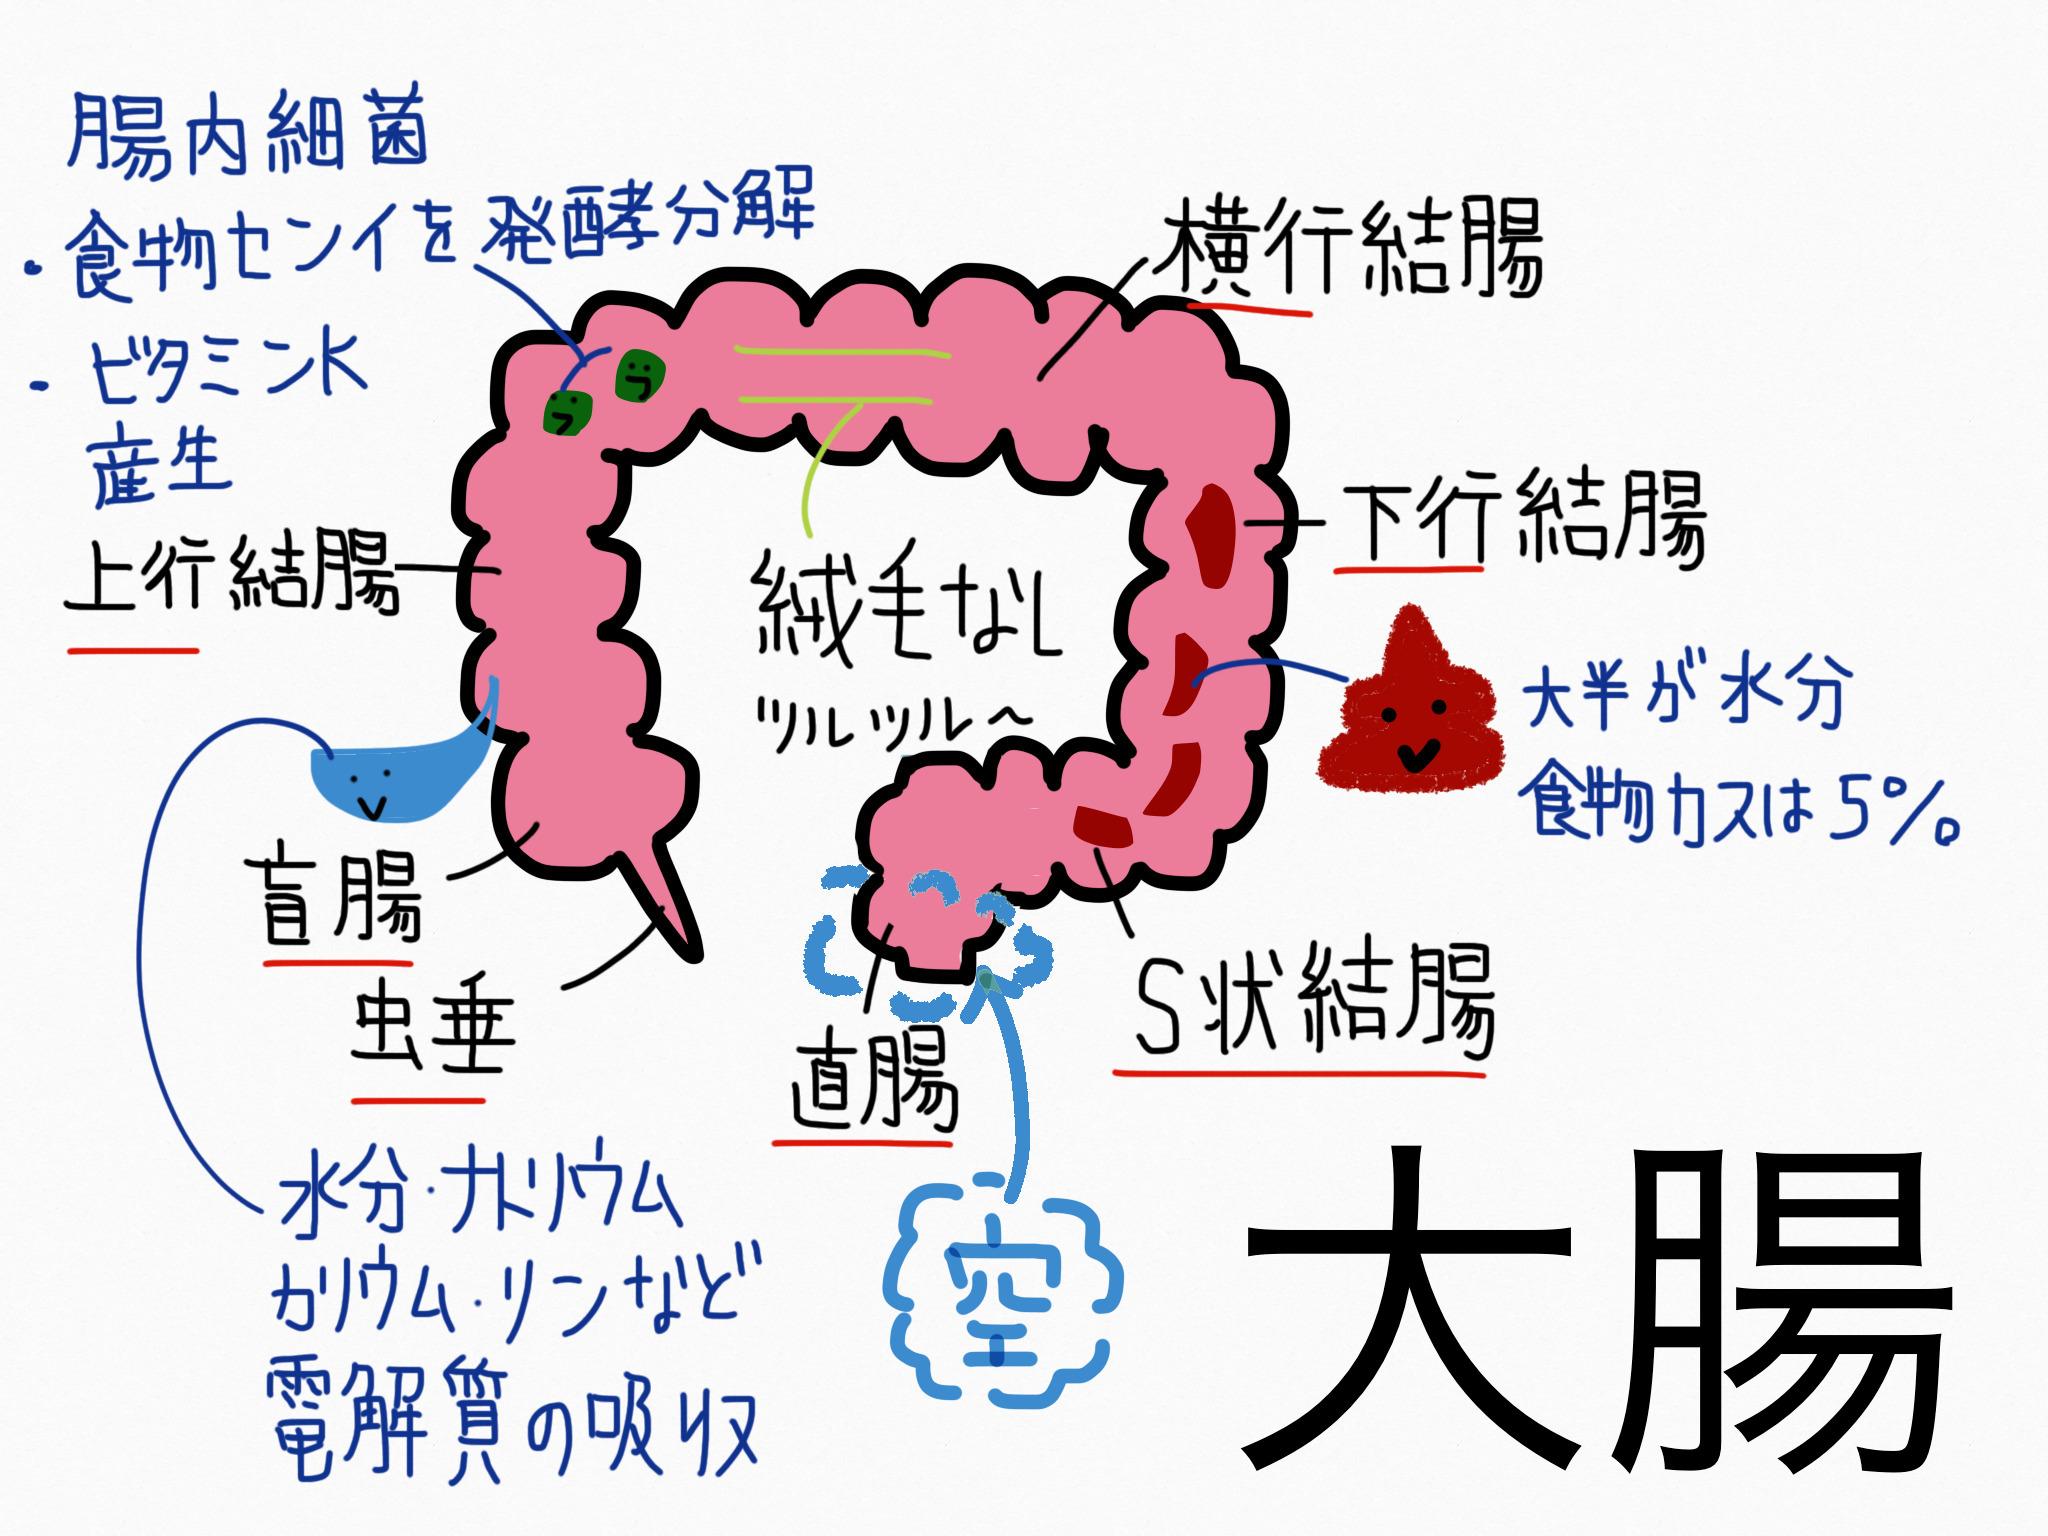 消化器系/大腸【第2章の覚え方】